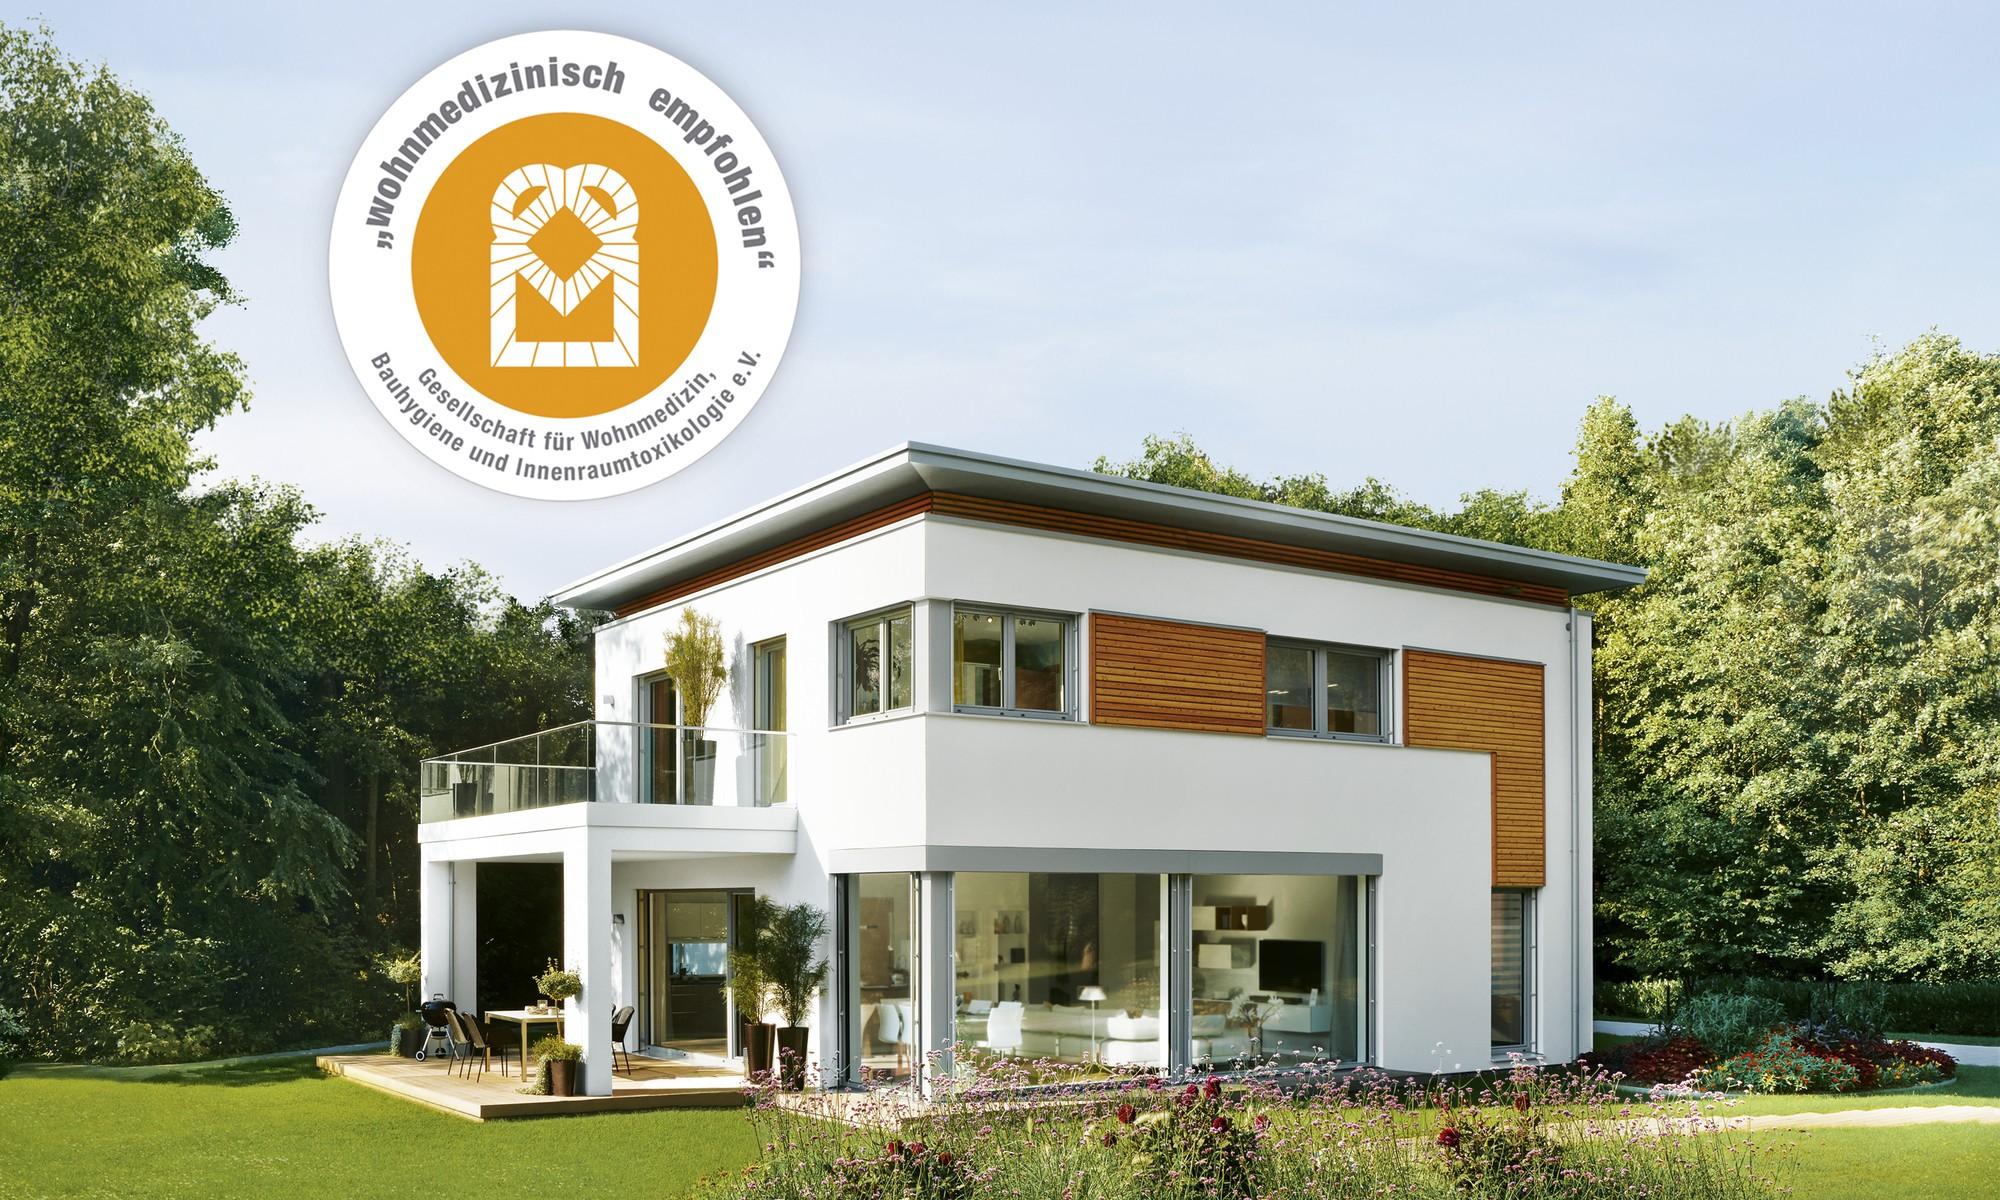 Energieeffizienz und Design perfekt vereint